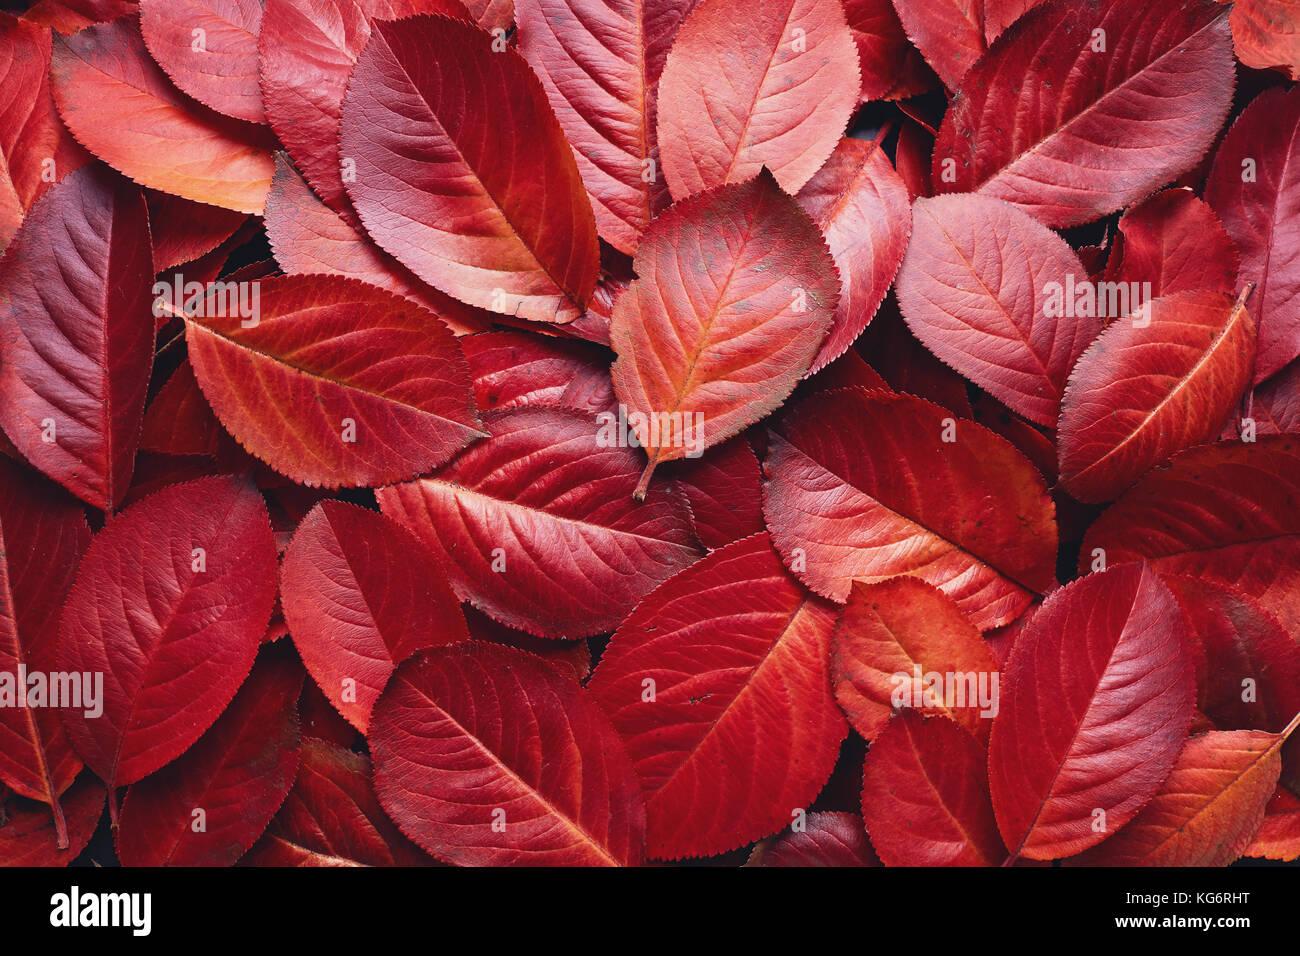 Nahaufnahme von roten Aronia Herbst Blätter Hintergrund Textur. Rote Blätter im Herbst Hintergrund. aronia Stockbild